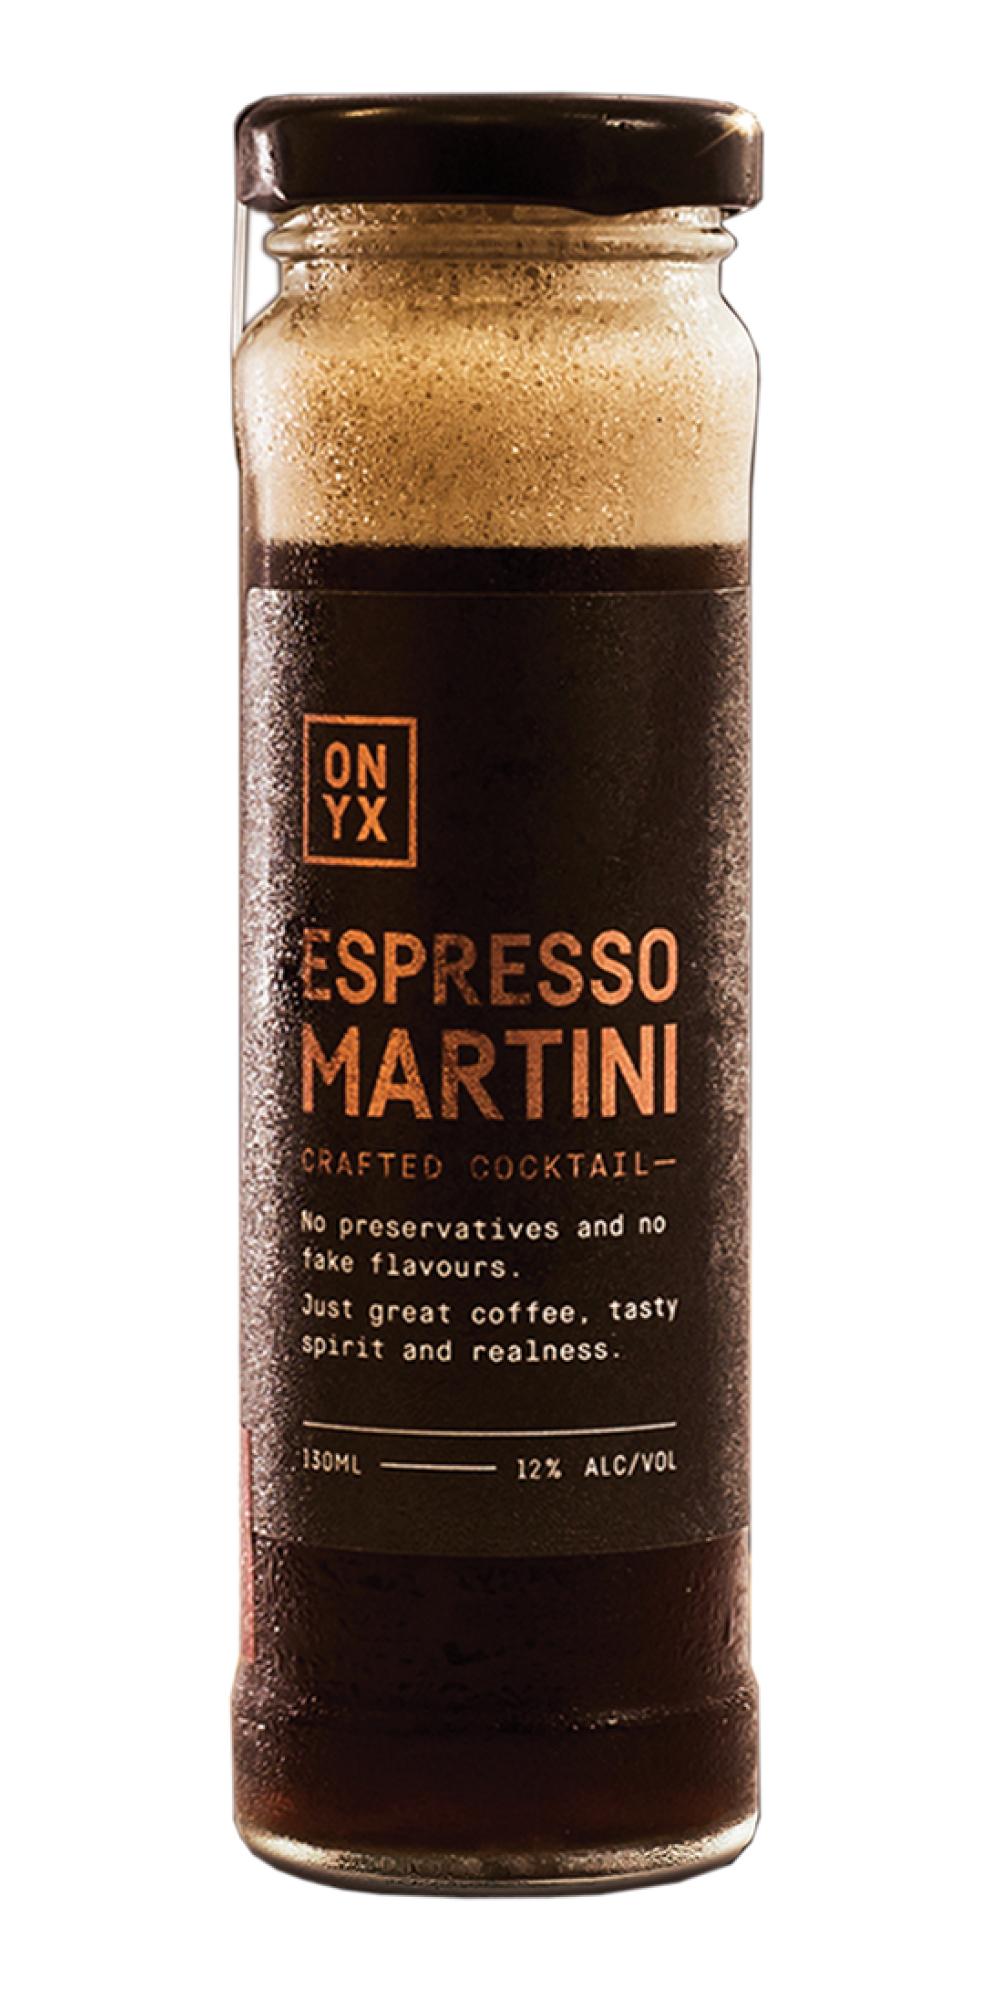 ONYX Espresso Martini